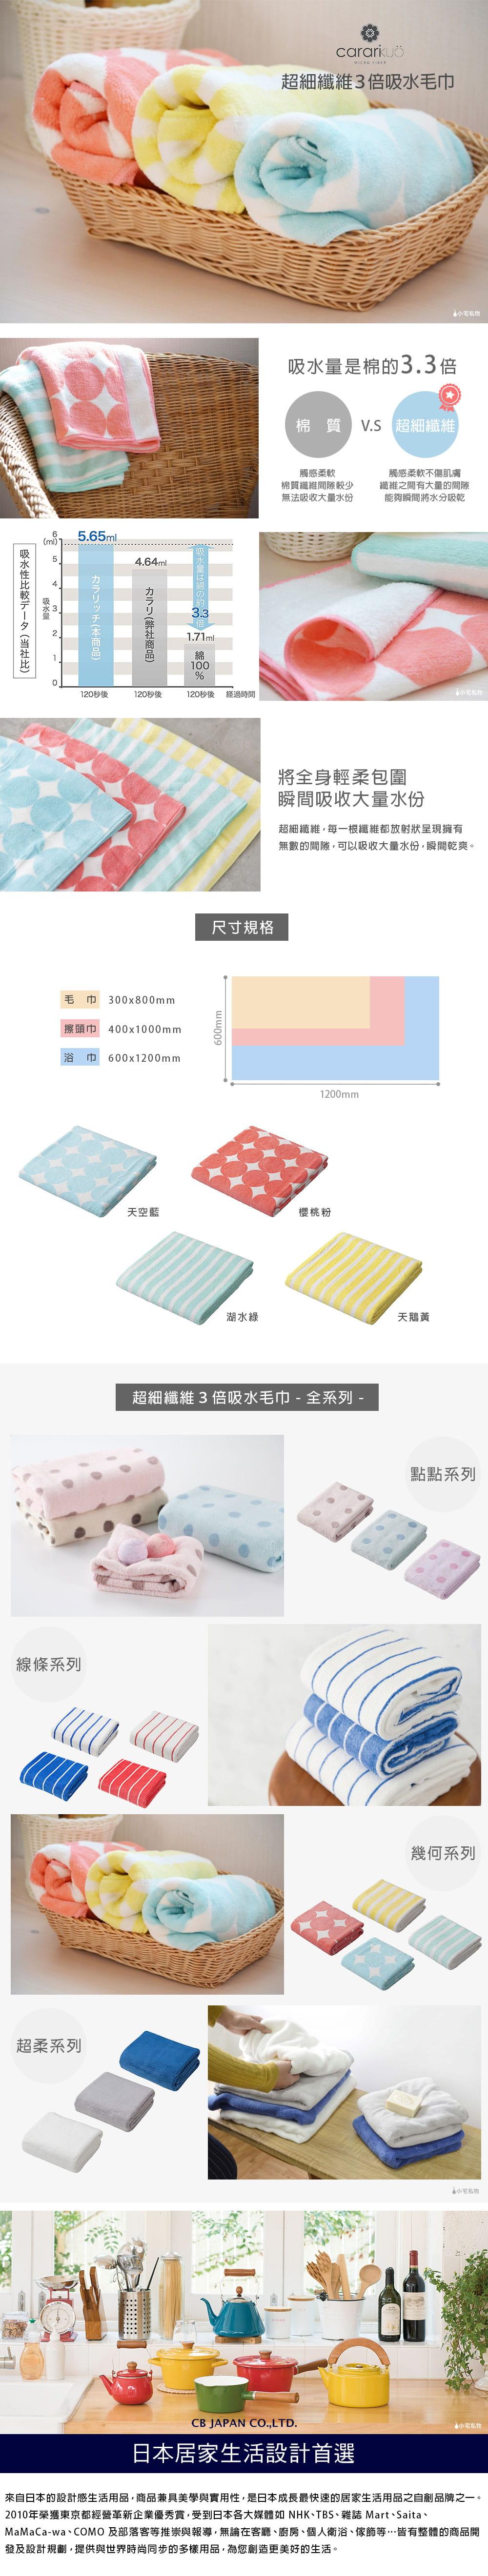 CB Japan 泡泡糖 幾何系列 超細纖維3倍吸水毛巾 - 天鵝黃